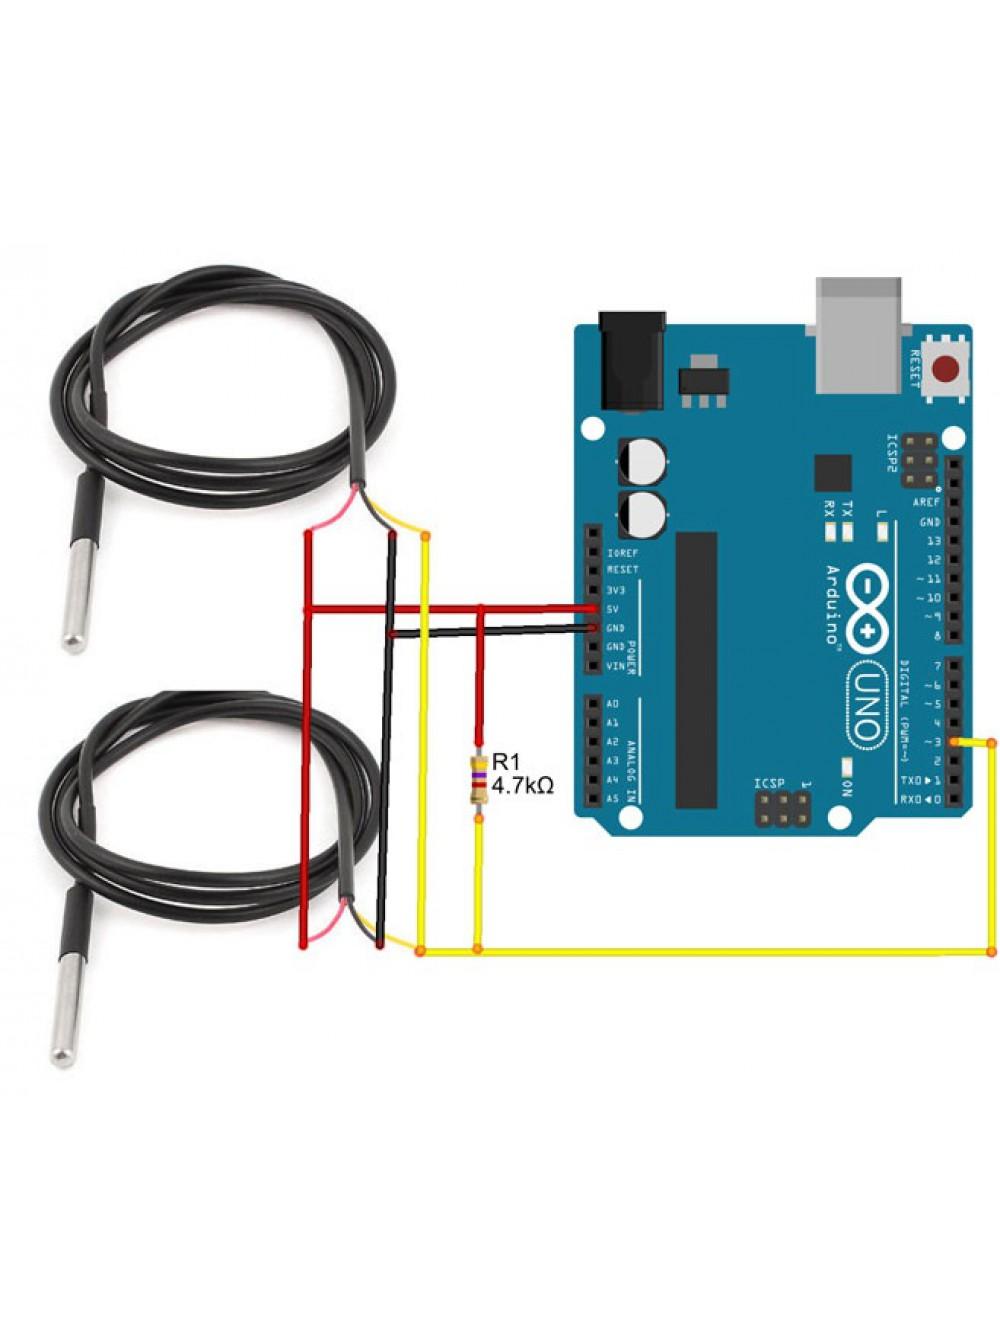 Простая реализация 4-проводного подключения датчика rtd для высокоточных измерений температуры - ad7124-4, ad7124-8